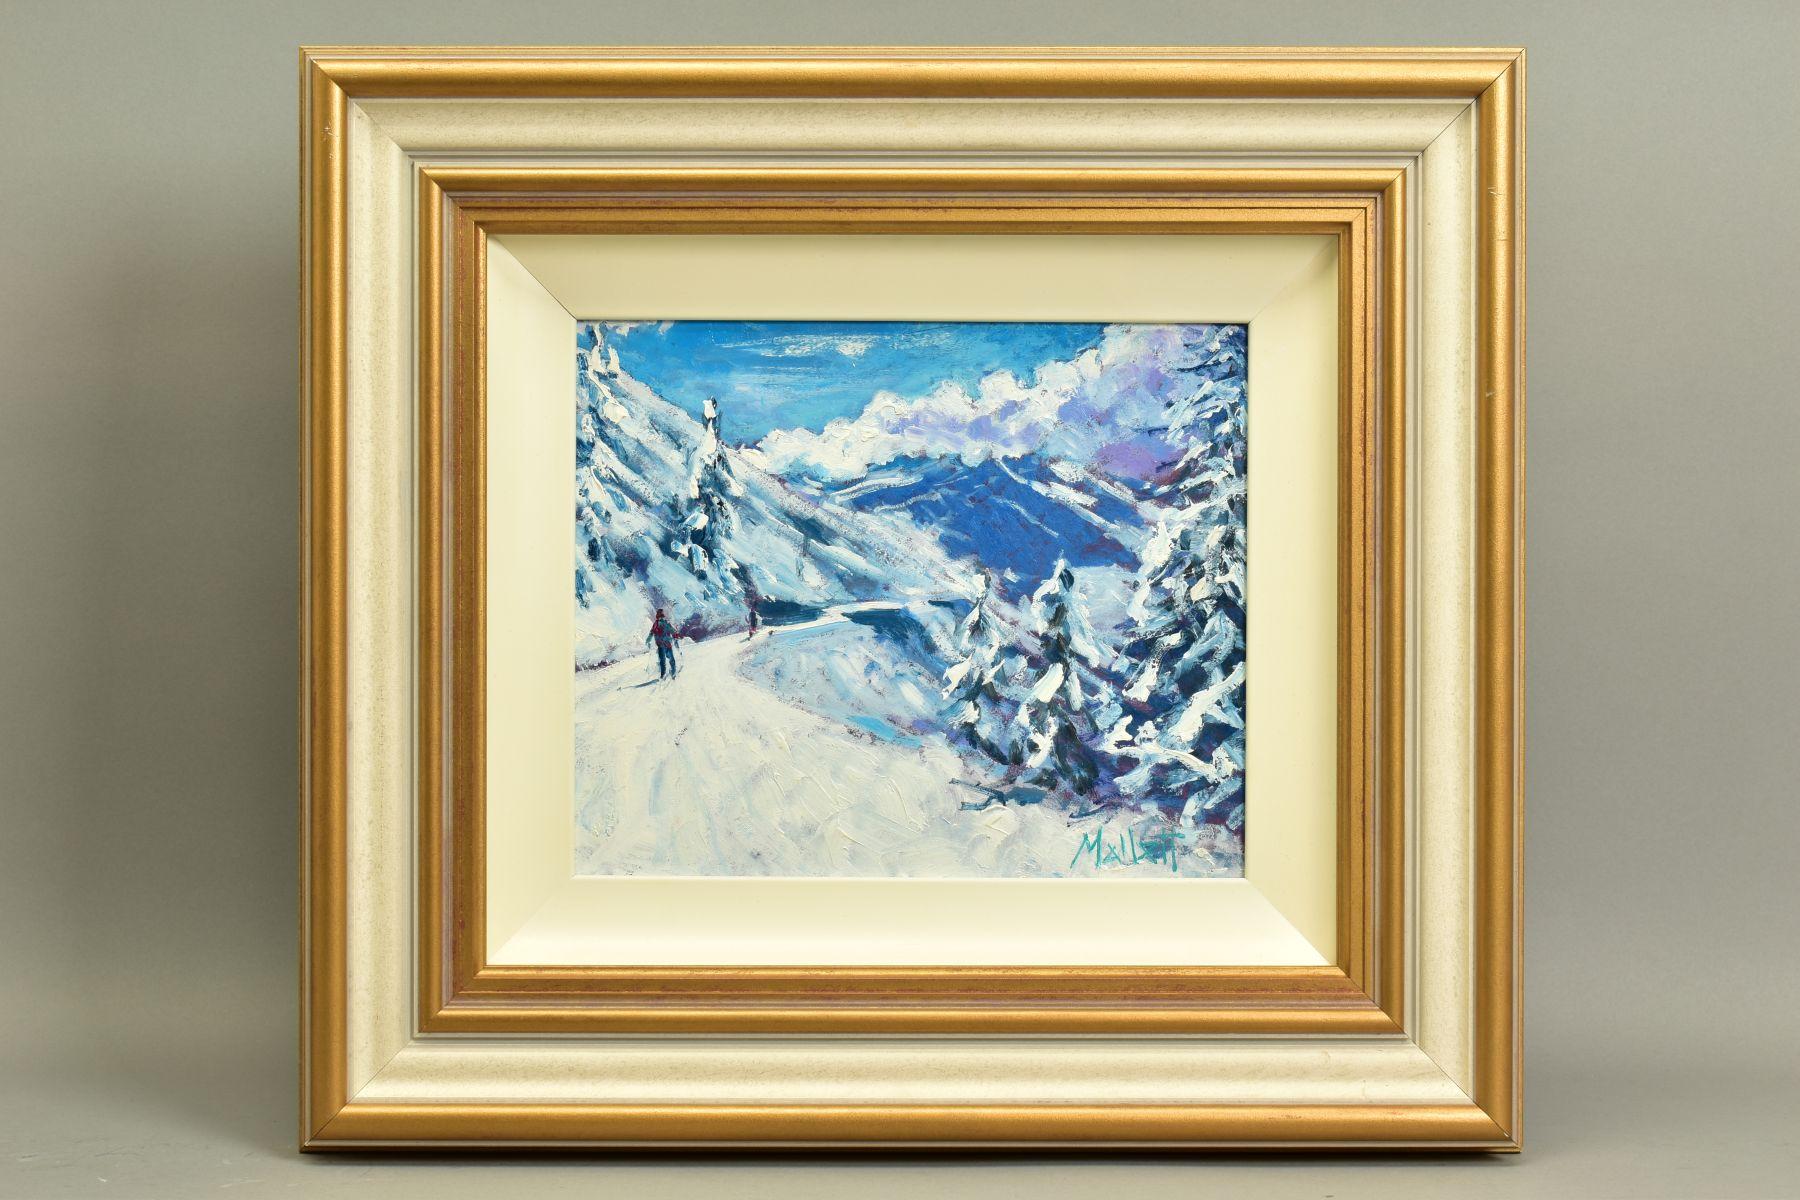 TIMMY MALLETT (BRITISH CONTEMPORARY), 'Winter Fun', an impressionist Alpine scene with skiers,